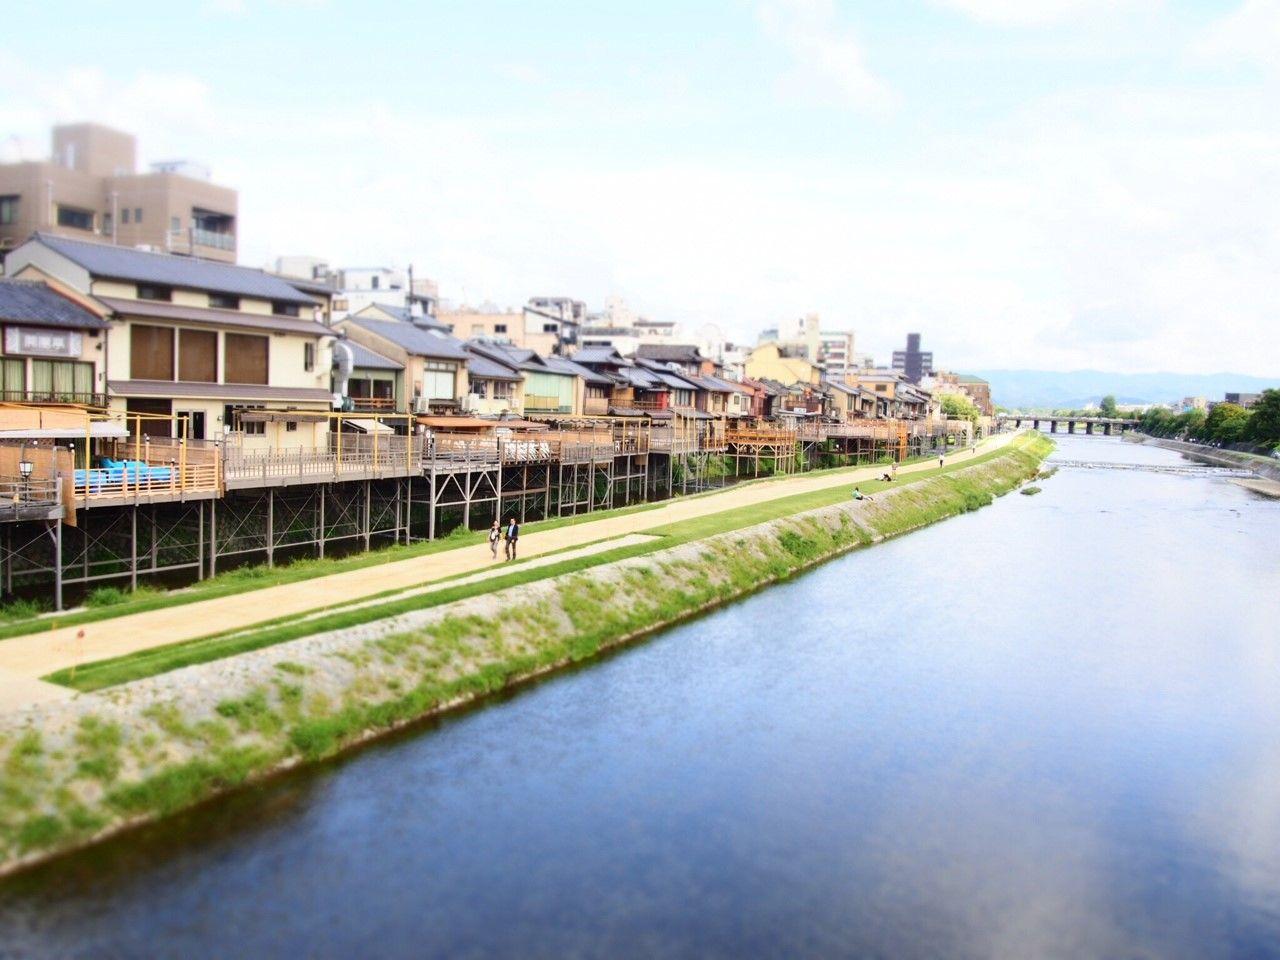 ツアー料金・節約方法など徹底ガイド!京都旅行に安く行くコツ